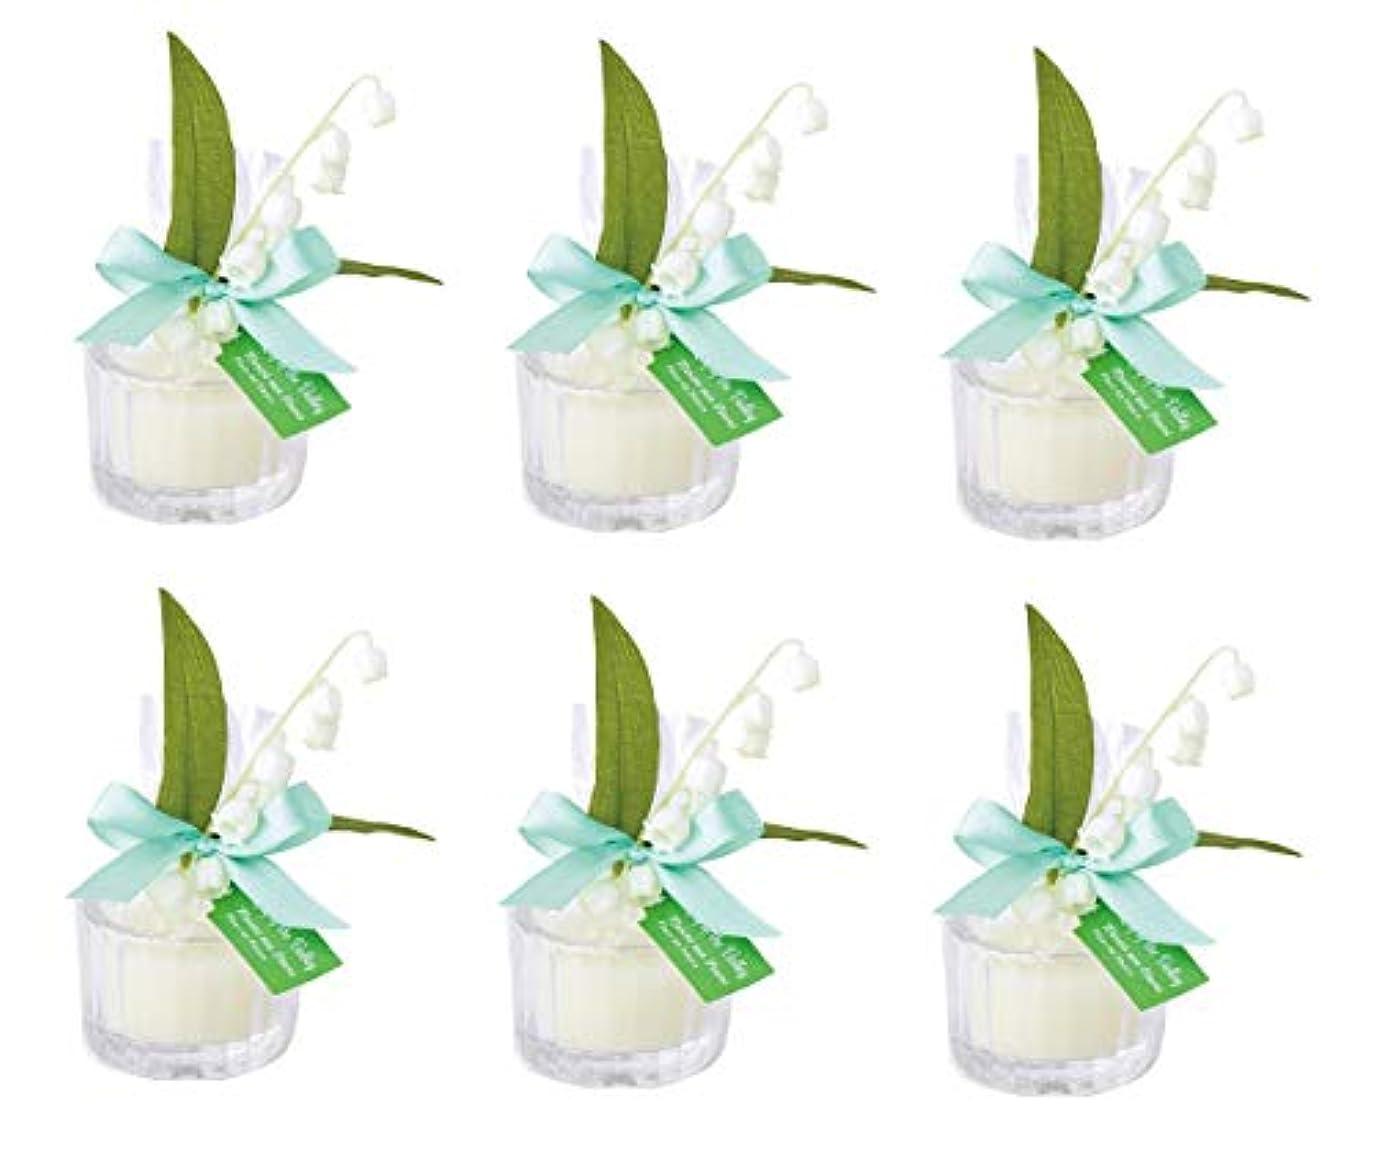 フラスコ倒産味わうカメヤマキャンドルハウス フルールマルシェ ミニグラスキャンドル BA591051020 スズラン 6個入り